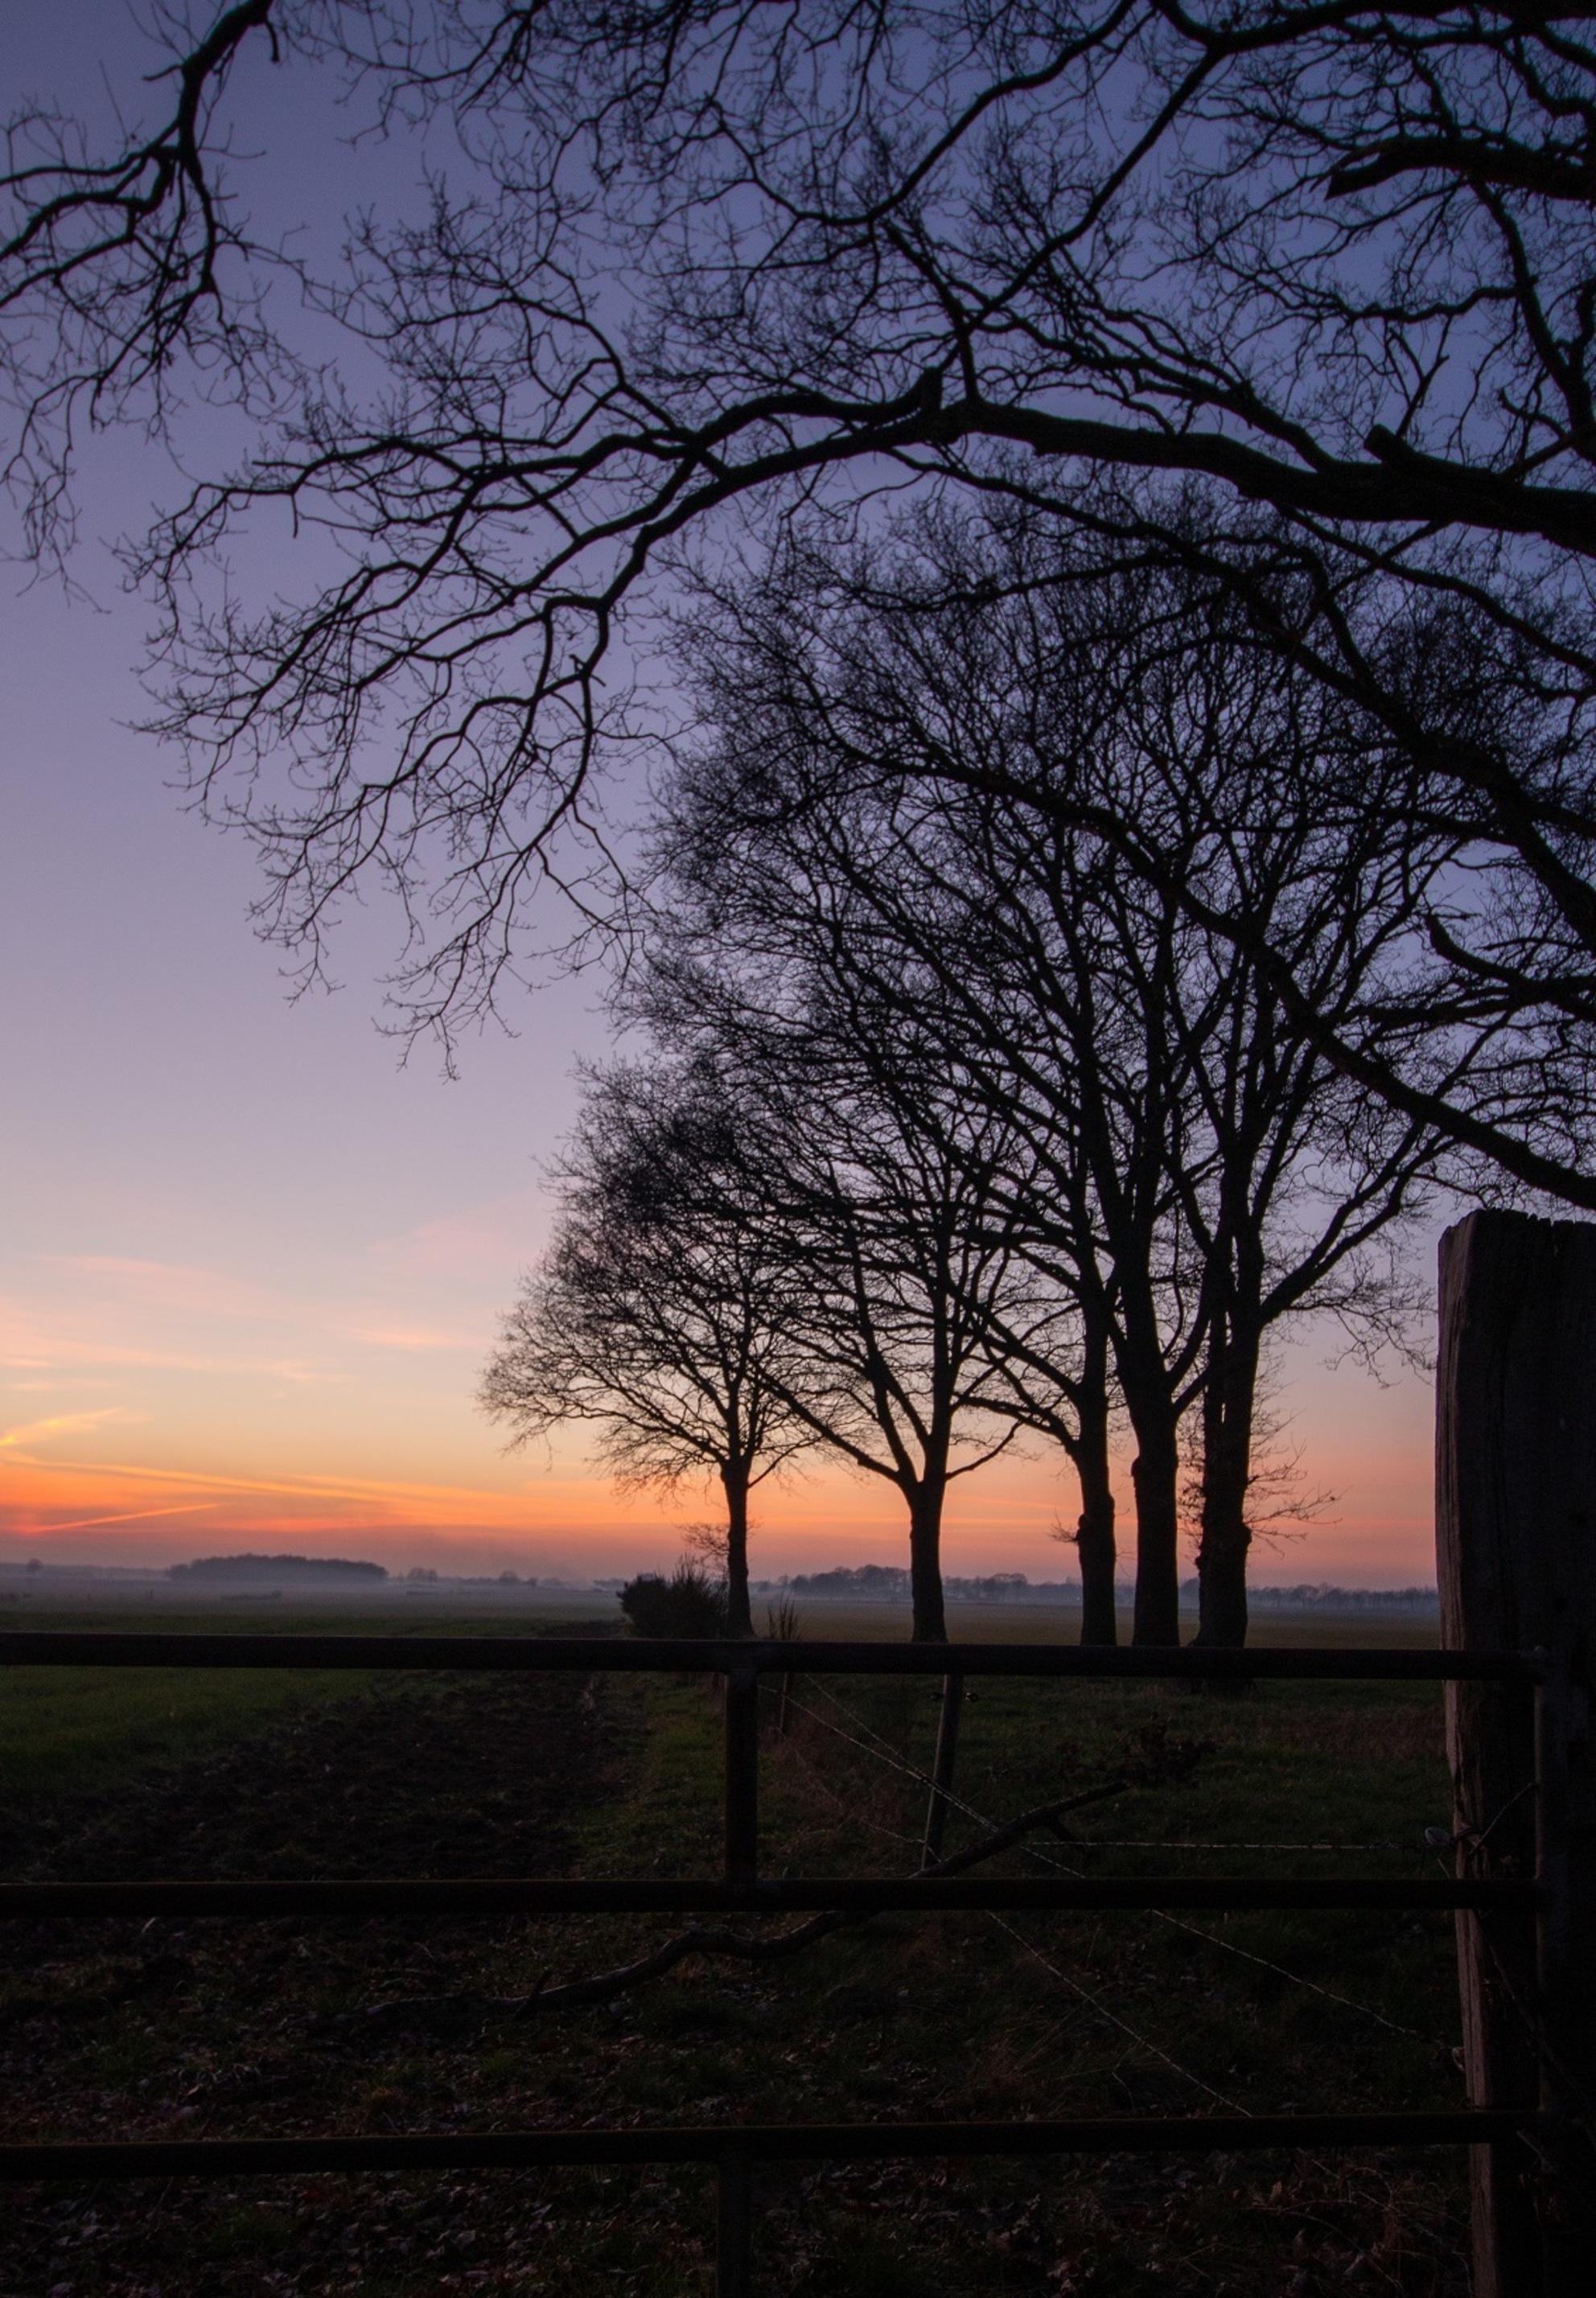 Avond in Drenthe - Na de zonsondergang was er deze avond nog veel kleur te zien in de lucht - foto door manon-3 op 03-03-2021 - deze foto bevat: lucht, hek, avond, zonsondergang, landschap, bomen, kleurrijk, avondfotografie